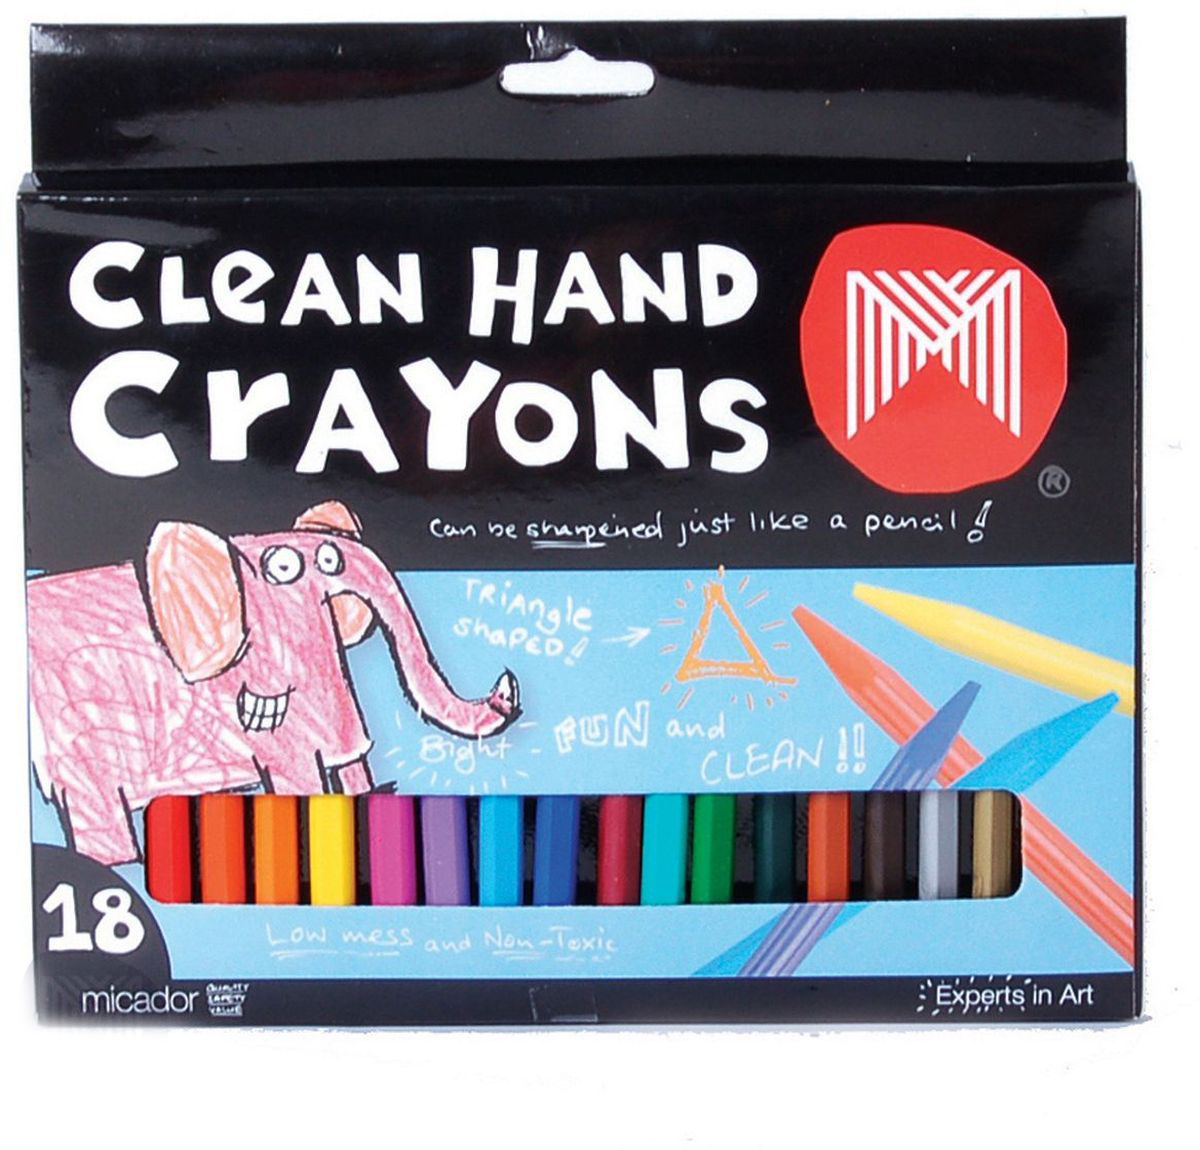 Micador Восковые мелки Чистые ручки 18 цветовCTP1818 ярких безопасных мелков Micador всех цветов радуги для бесконечных часов веселья и радости маленьких художников.Трёхгранные -специально для малышей, чтобы учиться правильно держать.Ручки малыша не испачкаются, ведь мелки изготовлены по запатентованной технологии Чистые ручки. Мелки можно точить как карандаши.Мелки с пониженным выделением пыли, не рассыпаются, легко смываются водой, что обязательно оценят родители. Гипоаллергенные, не содержат токсичных веществ, полностью безопасны для маленьких детей.100% перерабатываемая упаковка.Рисование развивает творческие способности, воображение, логику, память, мышление. 9 Австралийский бренд Micador - эксперт в товарах для детского творчества с 1954 года. Пусть мир вашего ребенка будет ярким и безопасным!